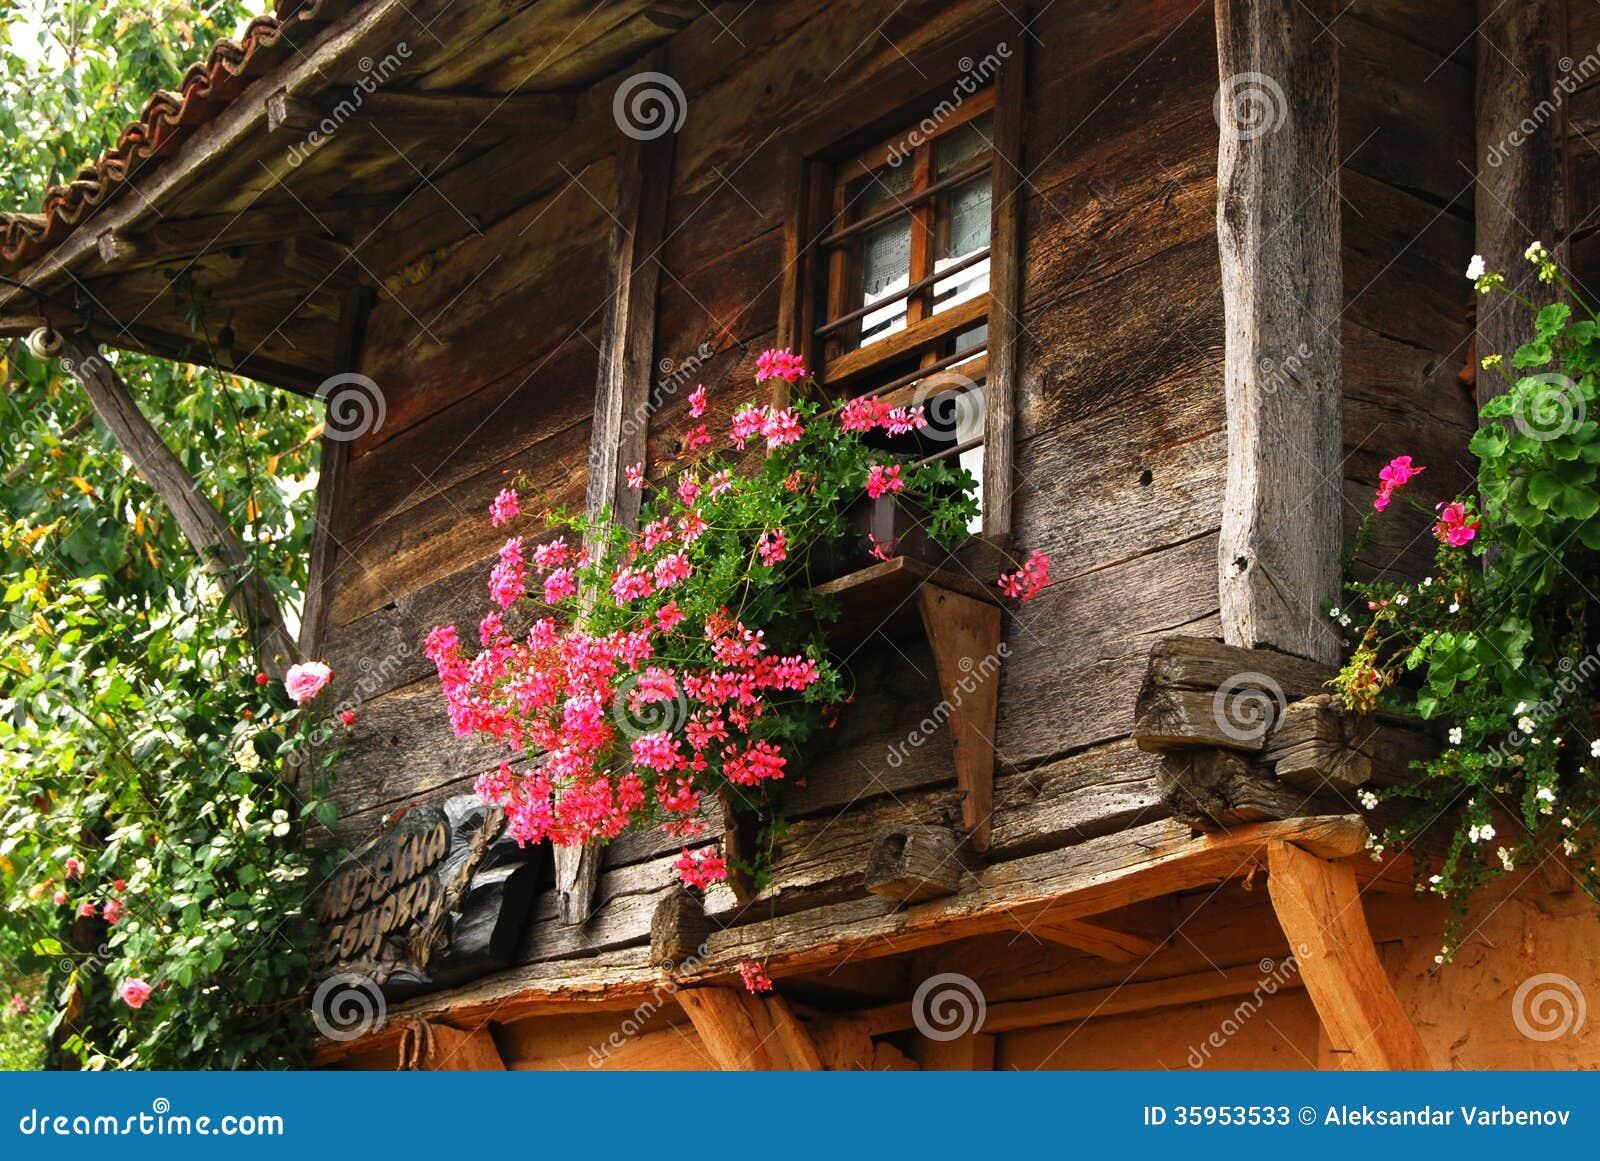 Fen tre en bois de maison de campagne photos stock image for Maison de campagne en bois